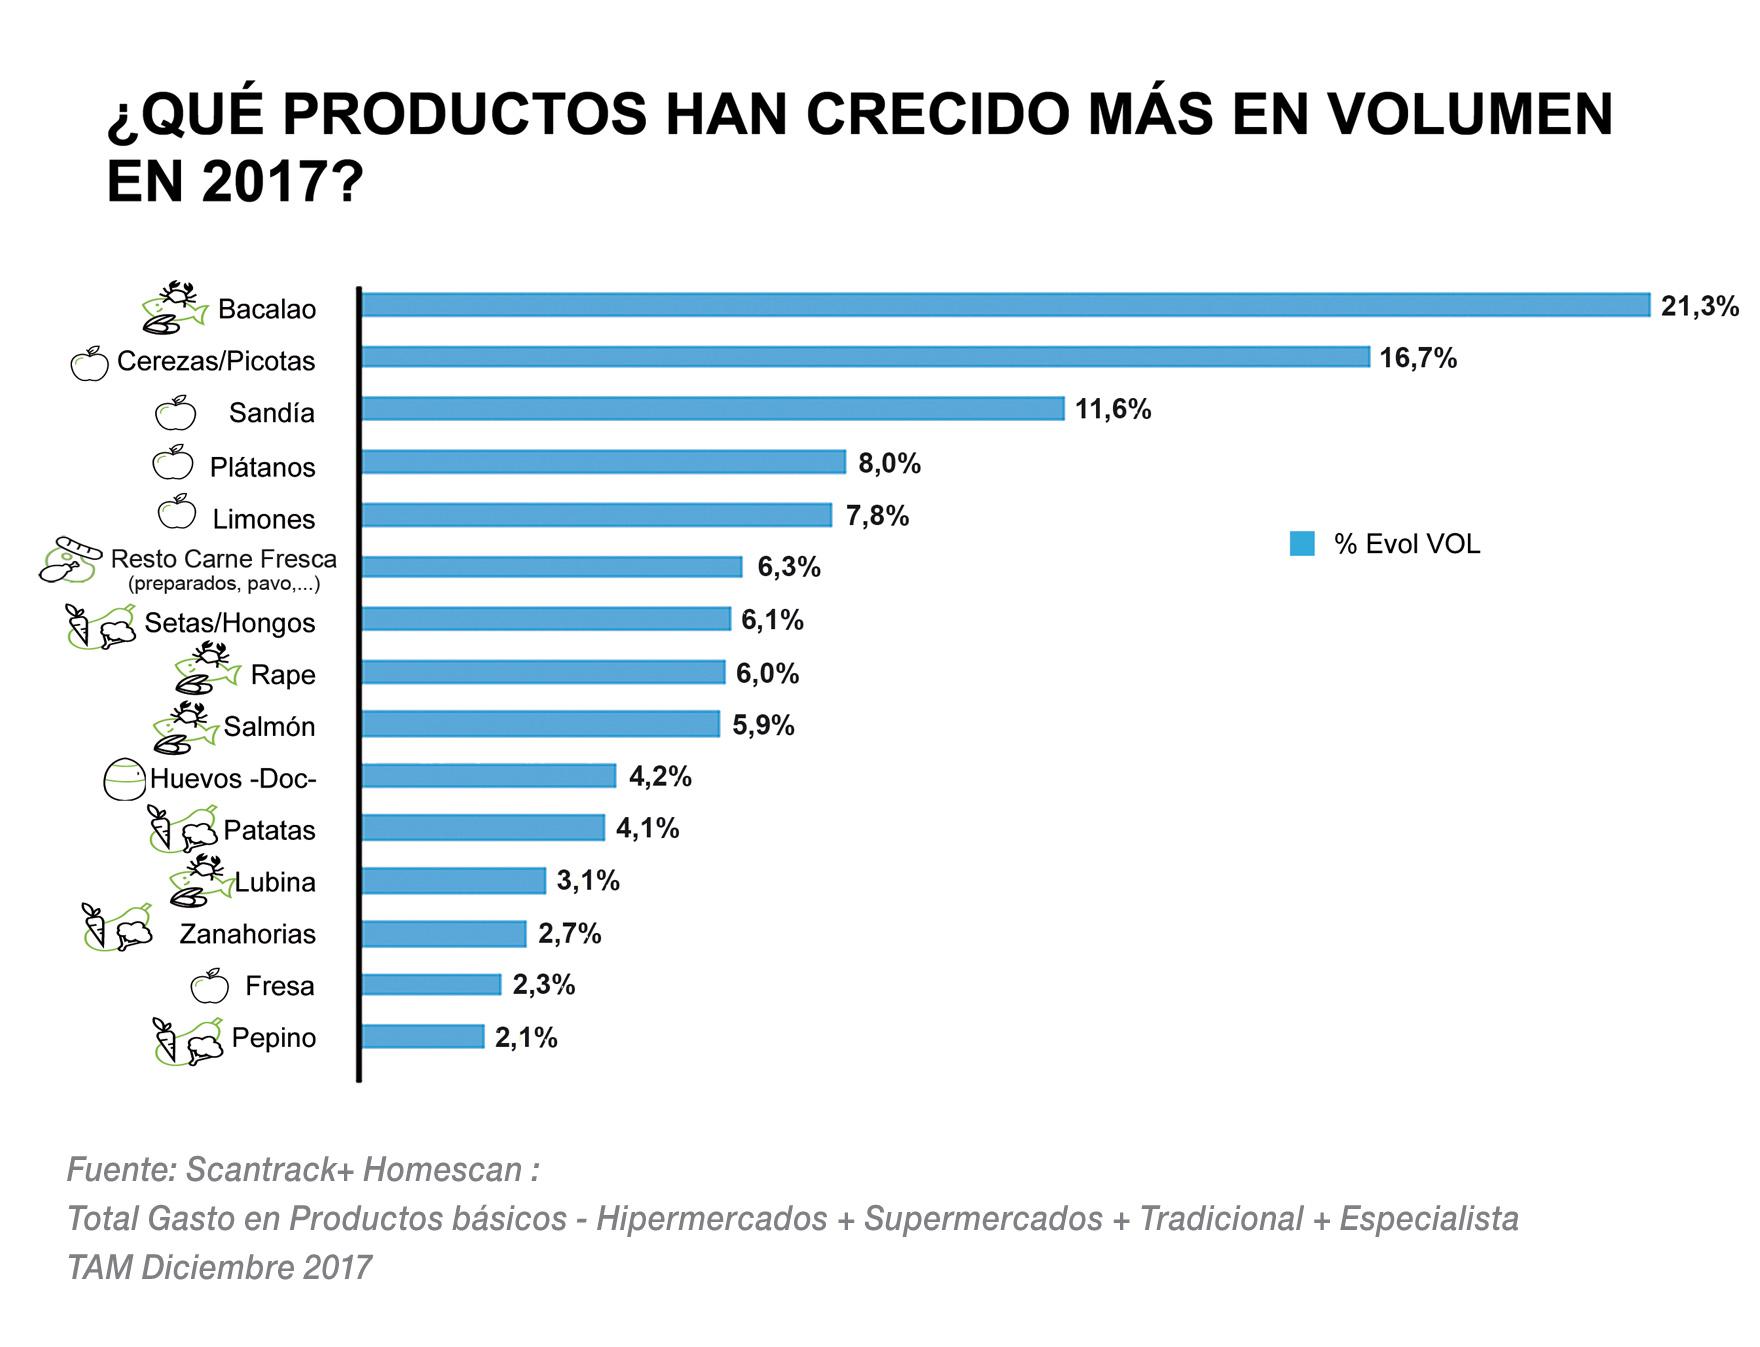 ¿Qué productos han crecido más en volumen en 2017?